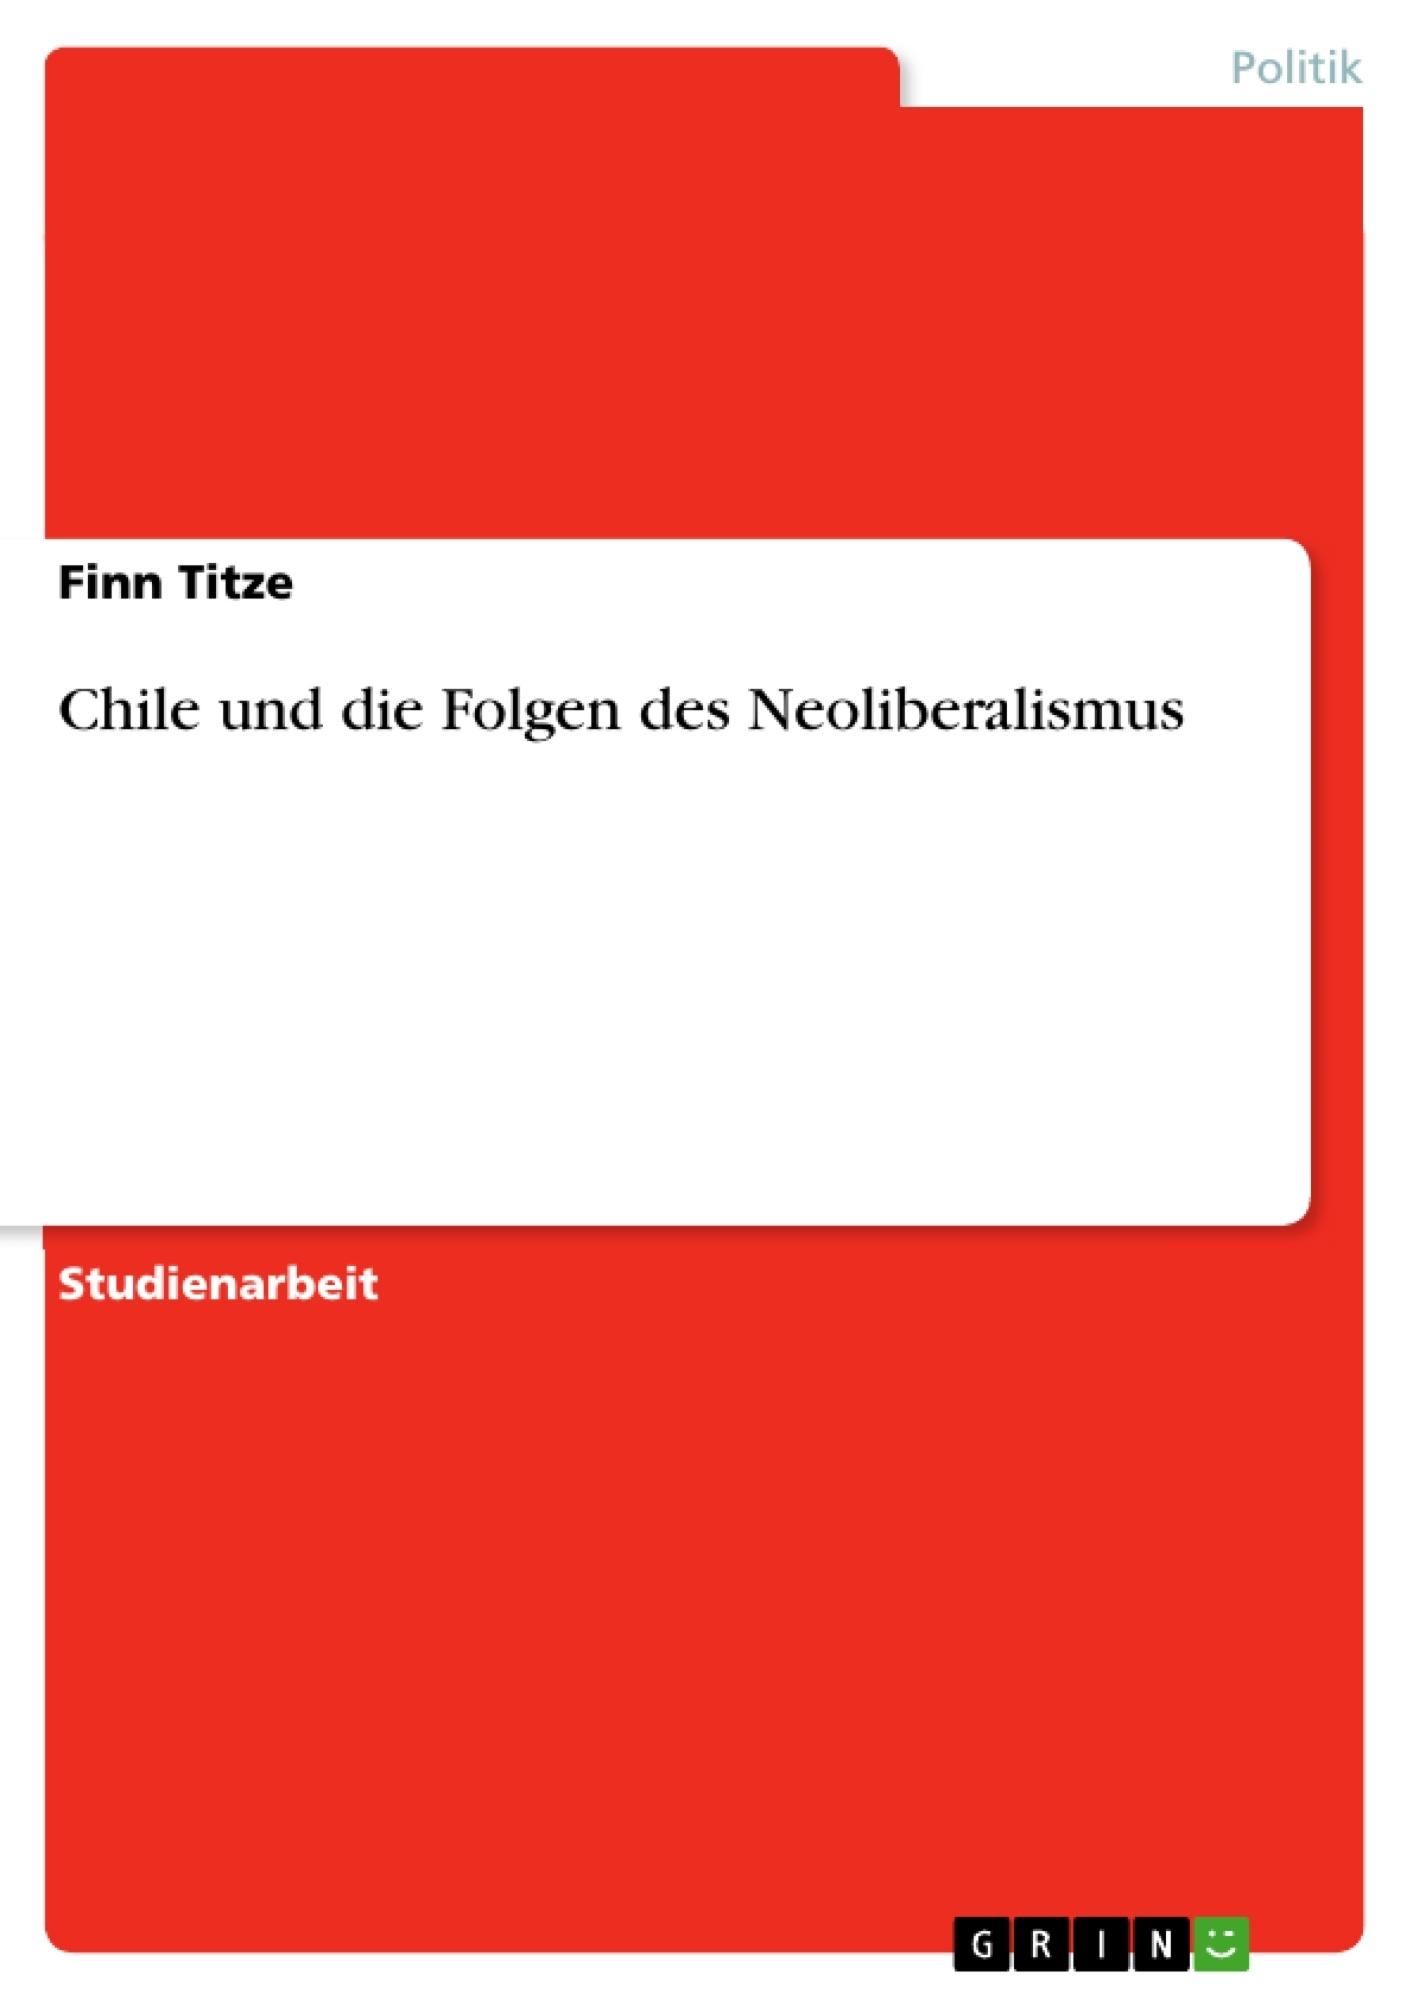 Titel: Chile und die Folgen des Neoliberalismus